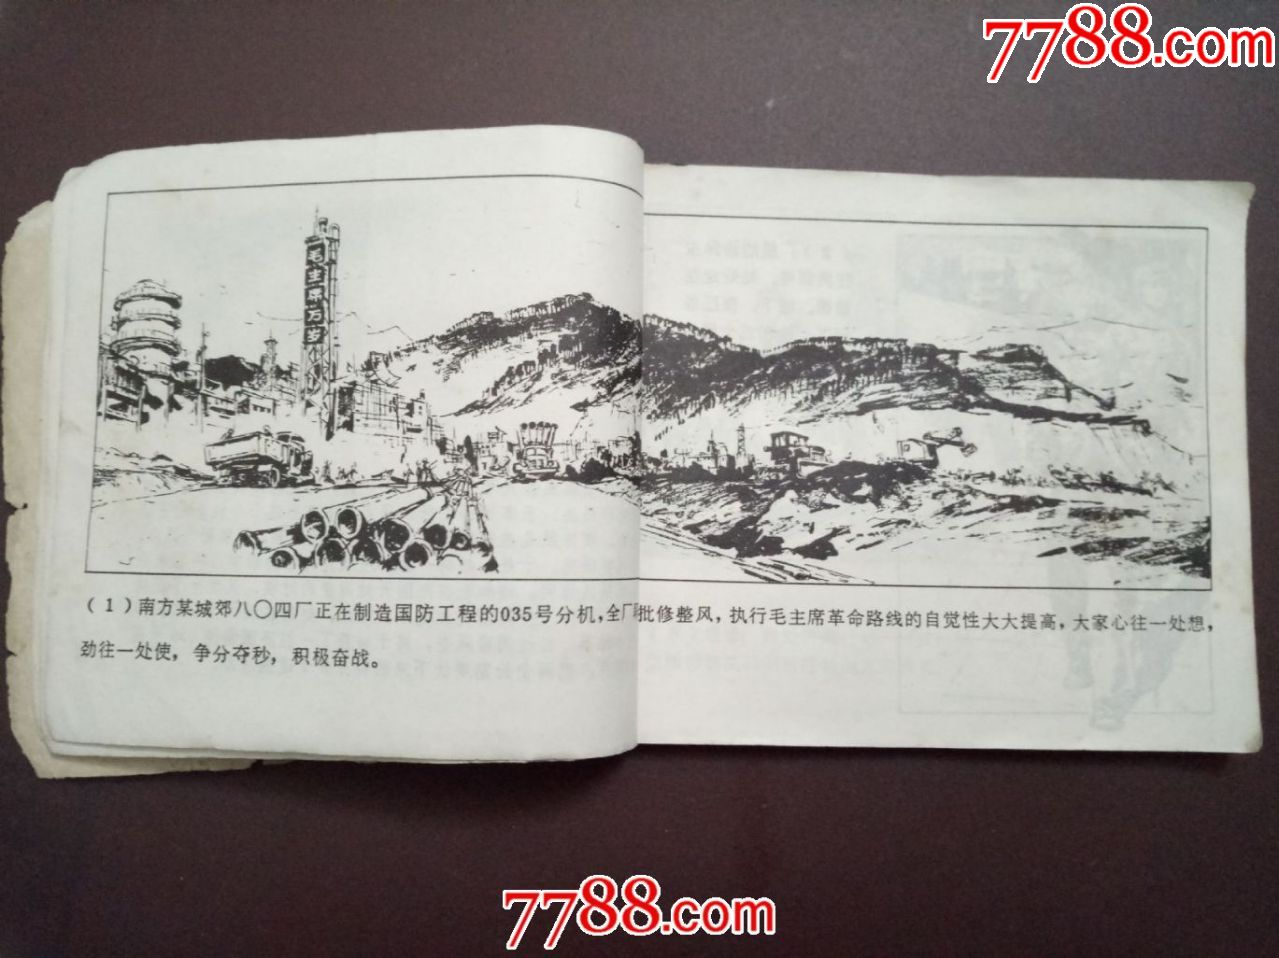 035号别墅(何汉秋签名)小层图纸图纸农村大全一图片